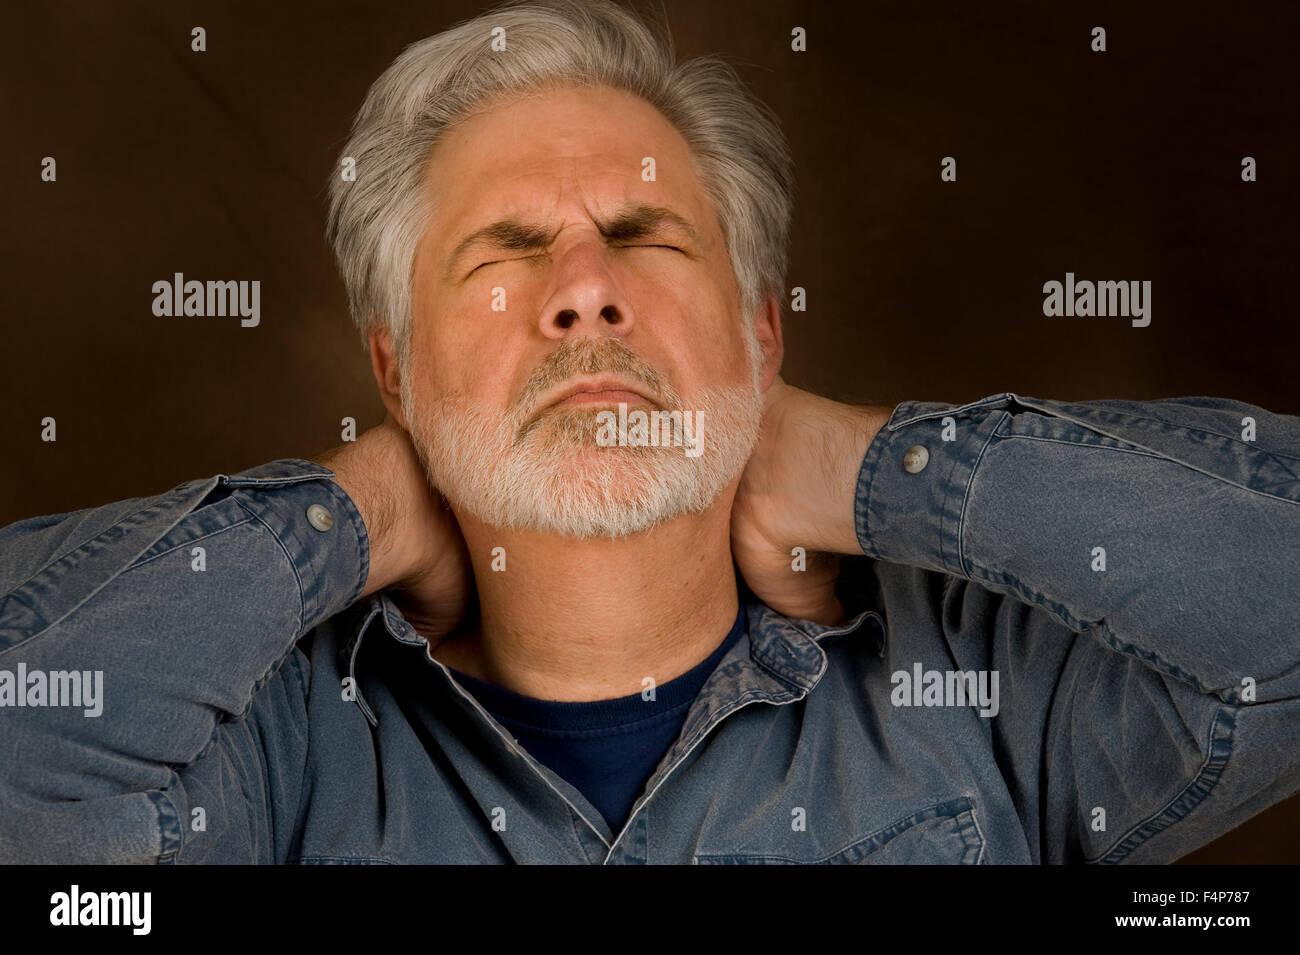 Headache Neck Ache Depression Or Stress - Stock Image